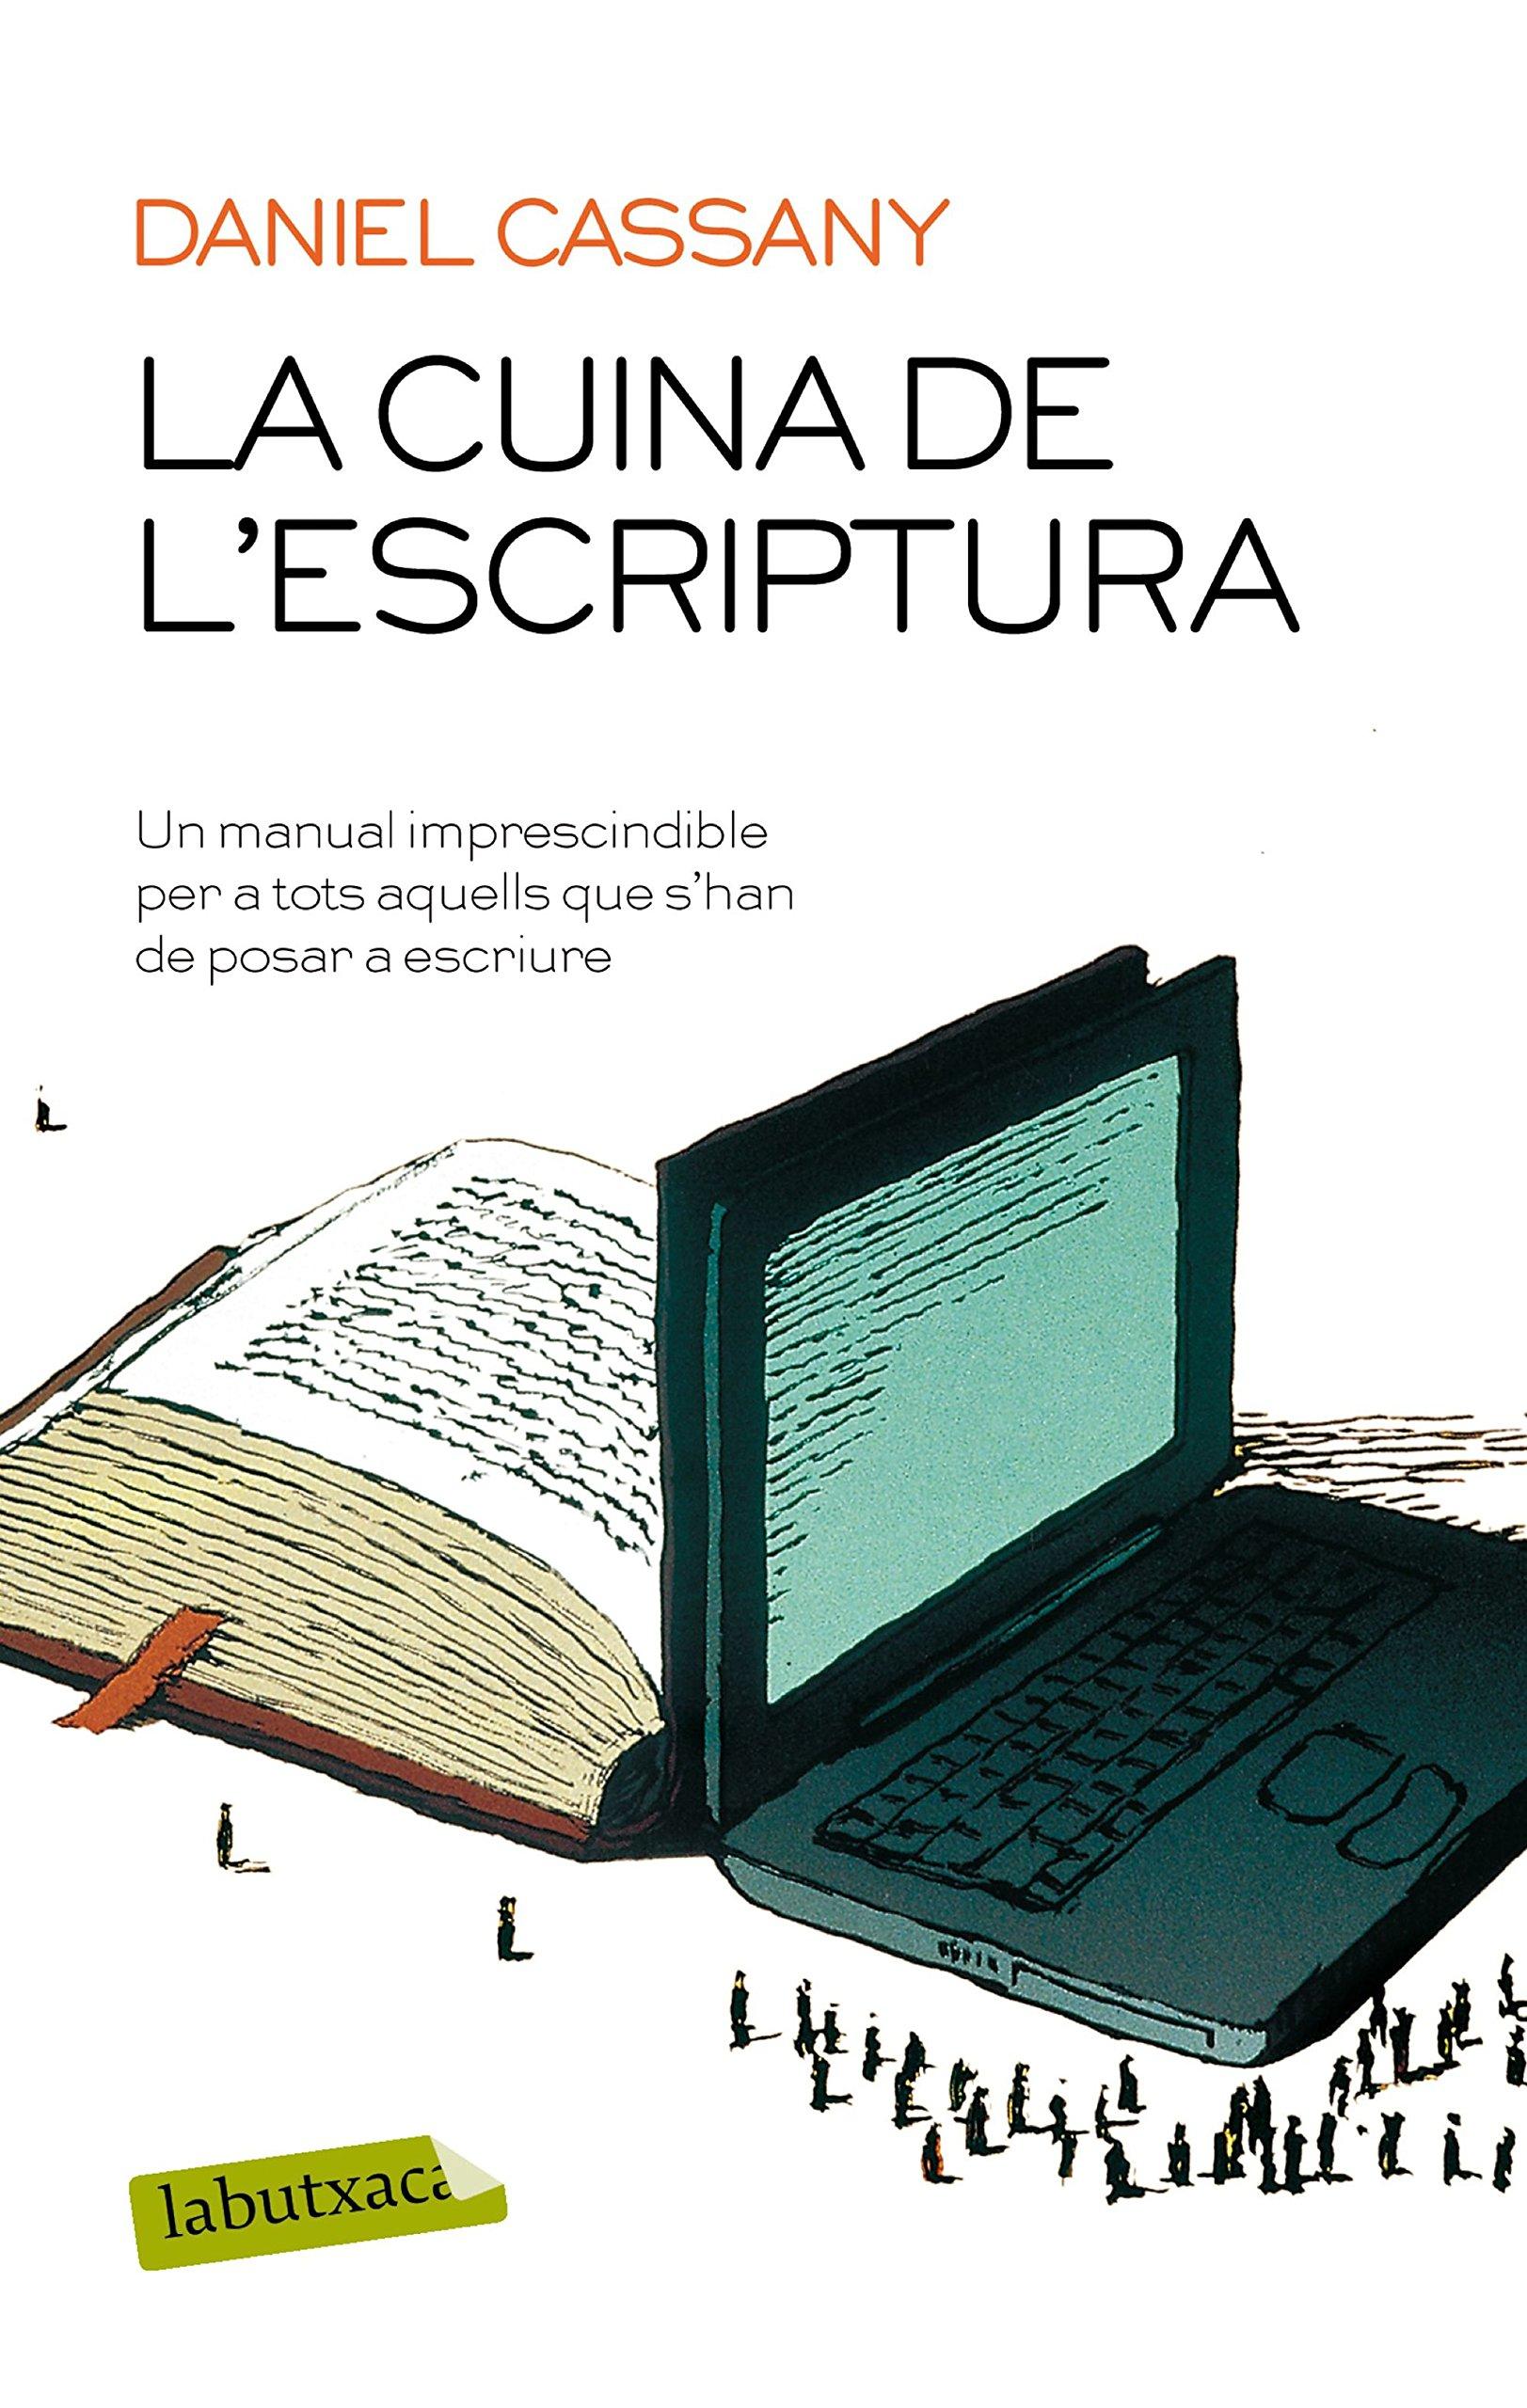 La cuina de l'escriptura (LB) Tapa blanda – 31 ene 2018 Daniel Cassany labutxaca 8417031642 Writing & editing guides